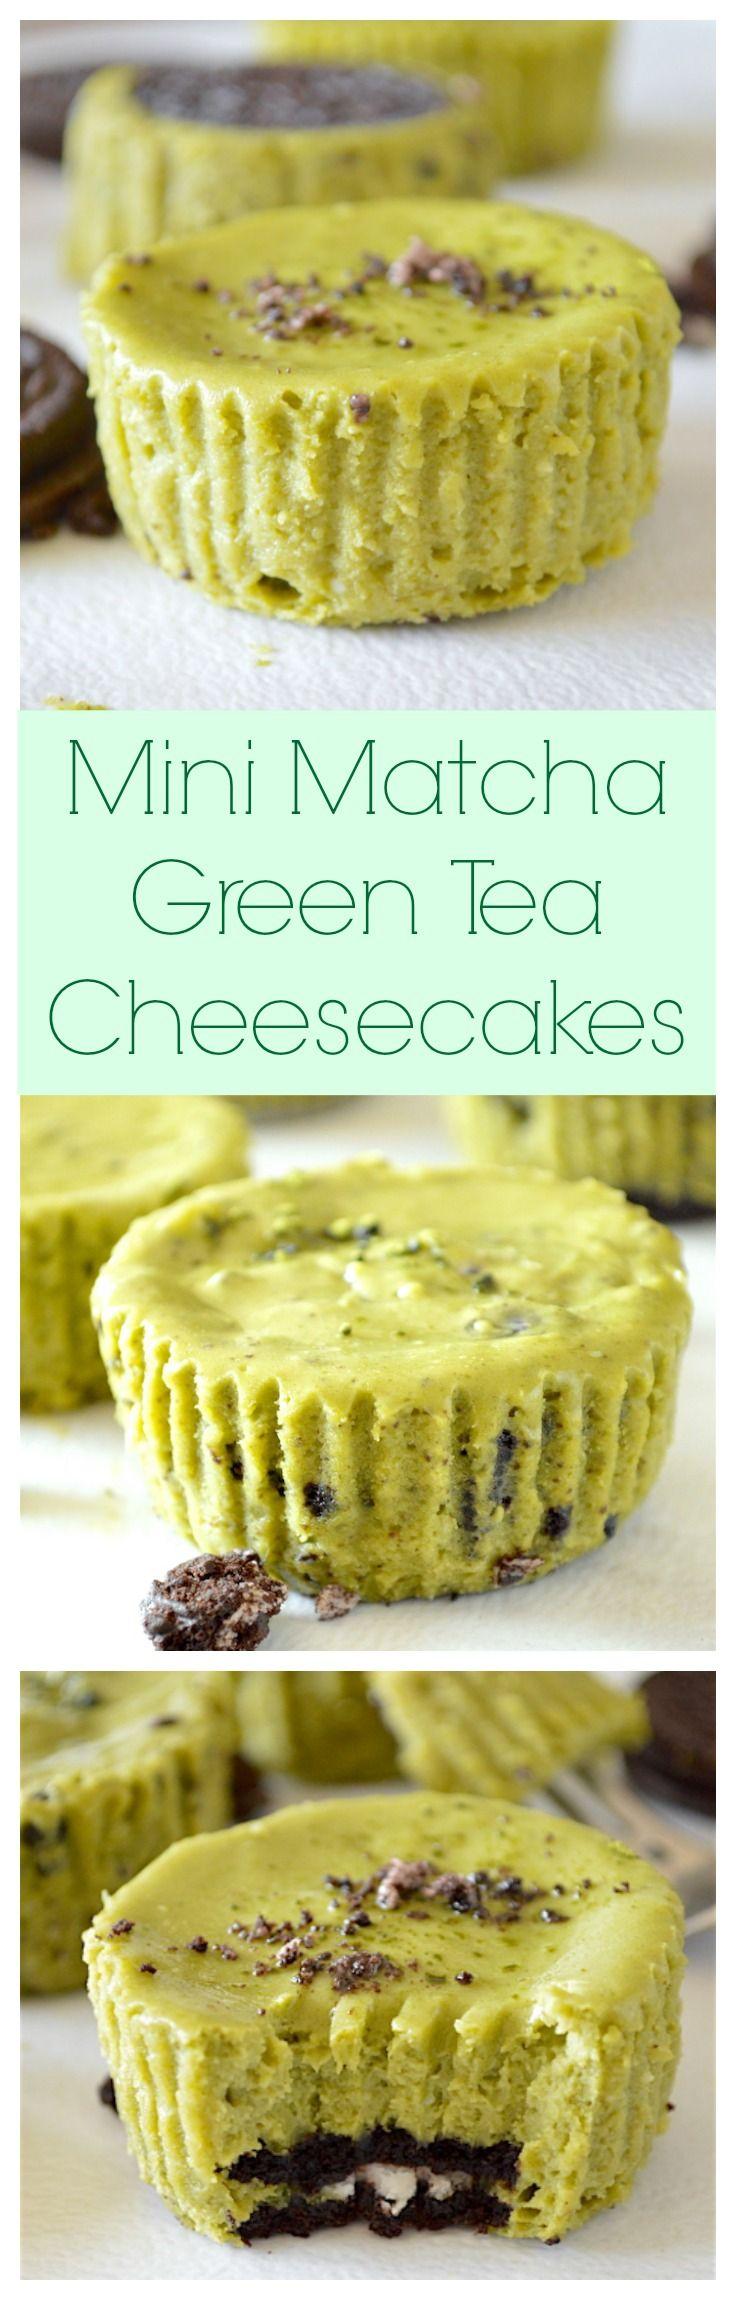 Green tea cookies matcha recipes